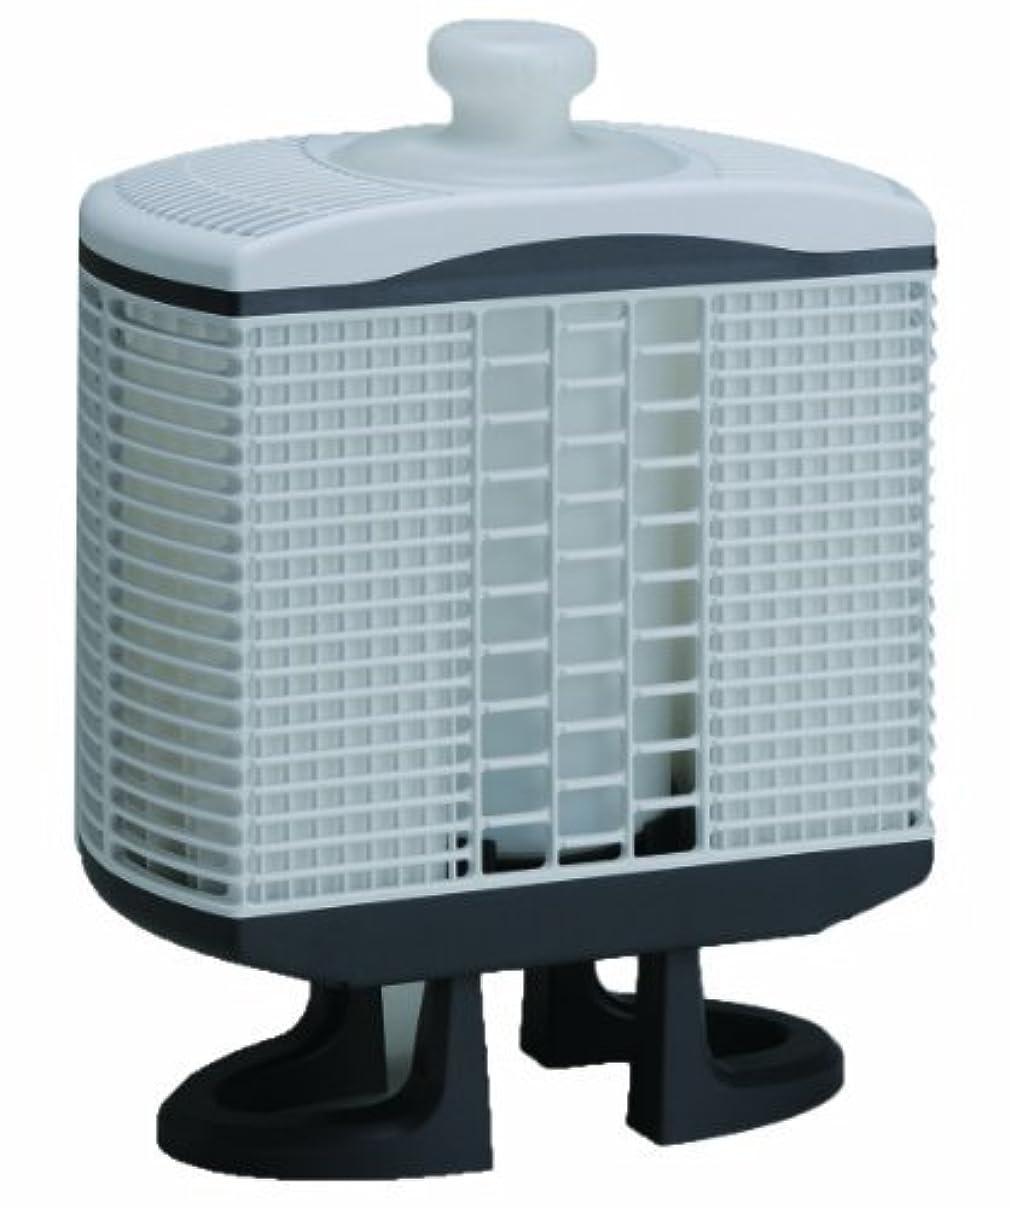 セイエイ (Seiei) 電気を使わない加湿器 ガイアモパーソナルタイプ 【まとめ買い3個セット】